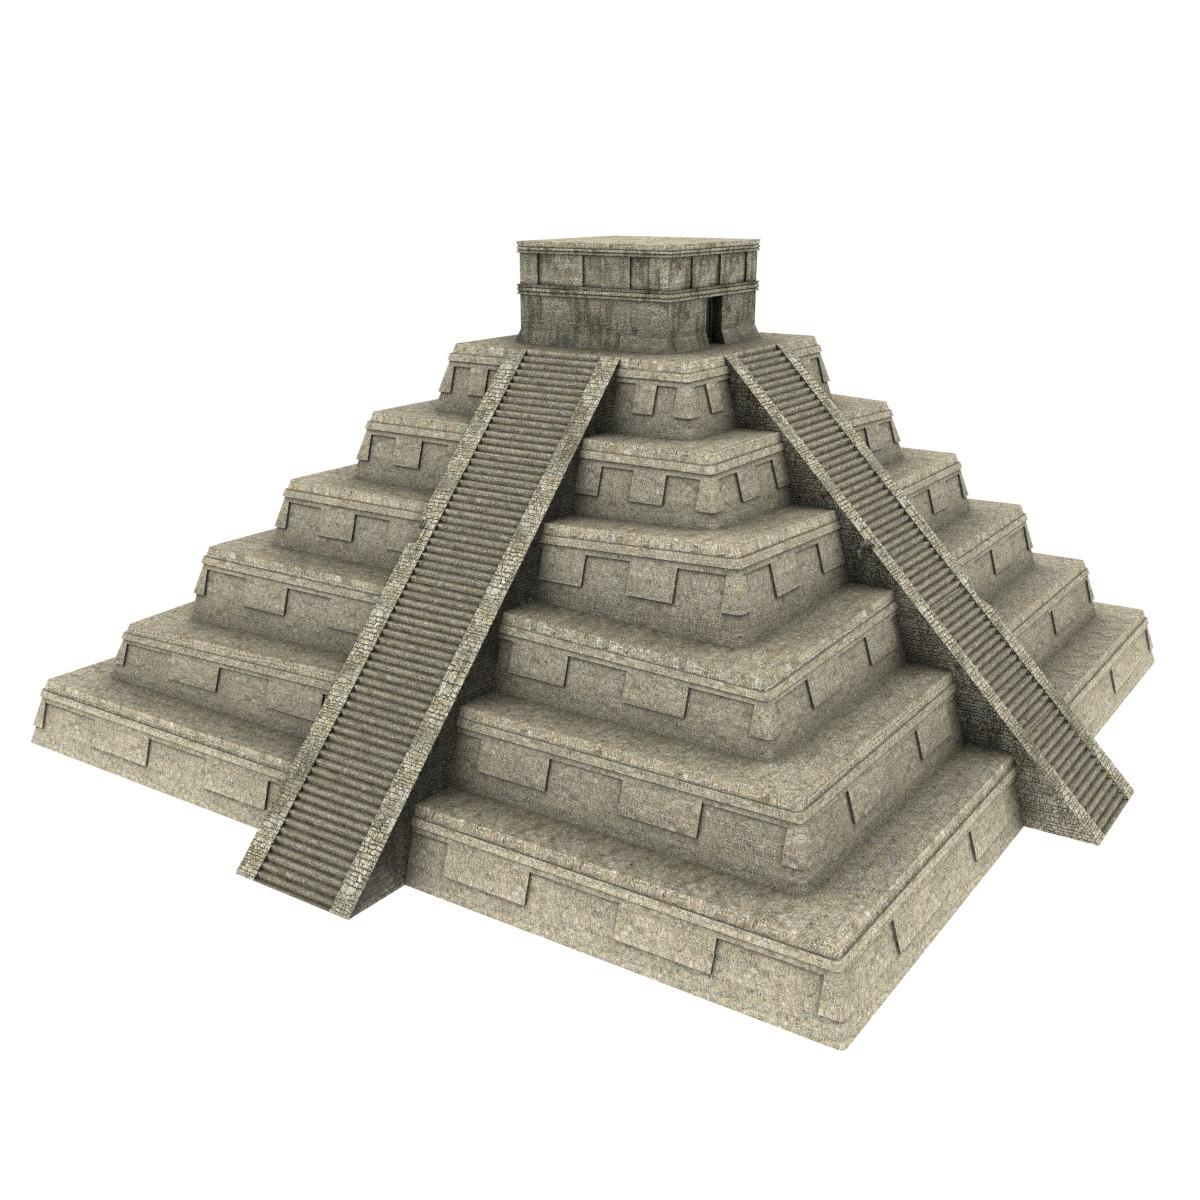 Mayan Pyramid PNG - 45432